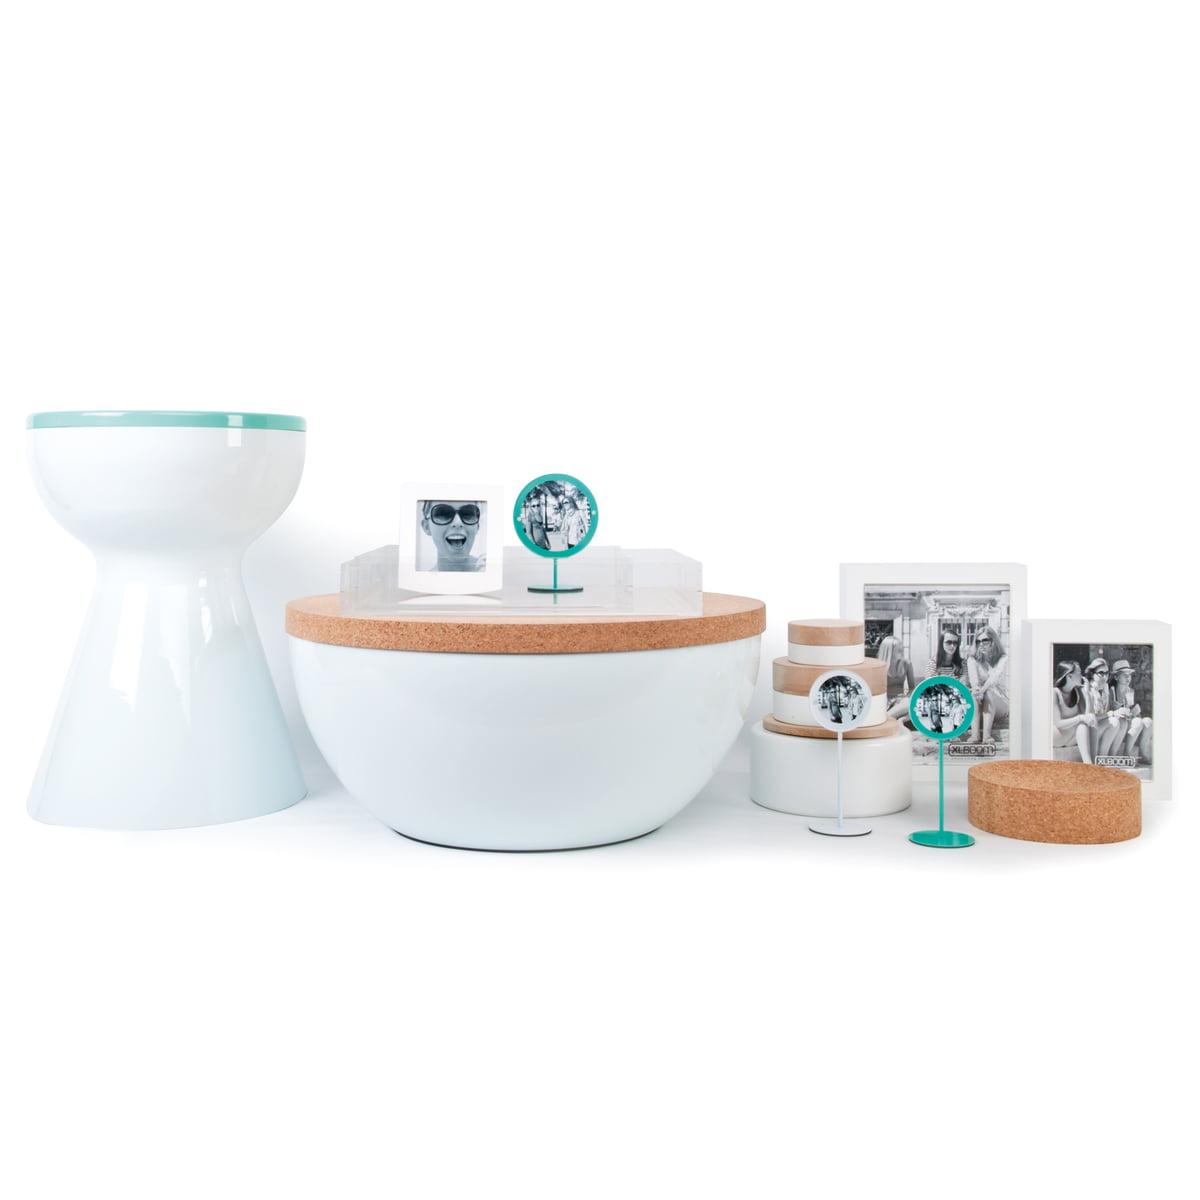 Boto hocker von xlboom im wohndesign shop for Wohndesign shop